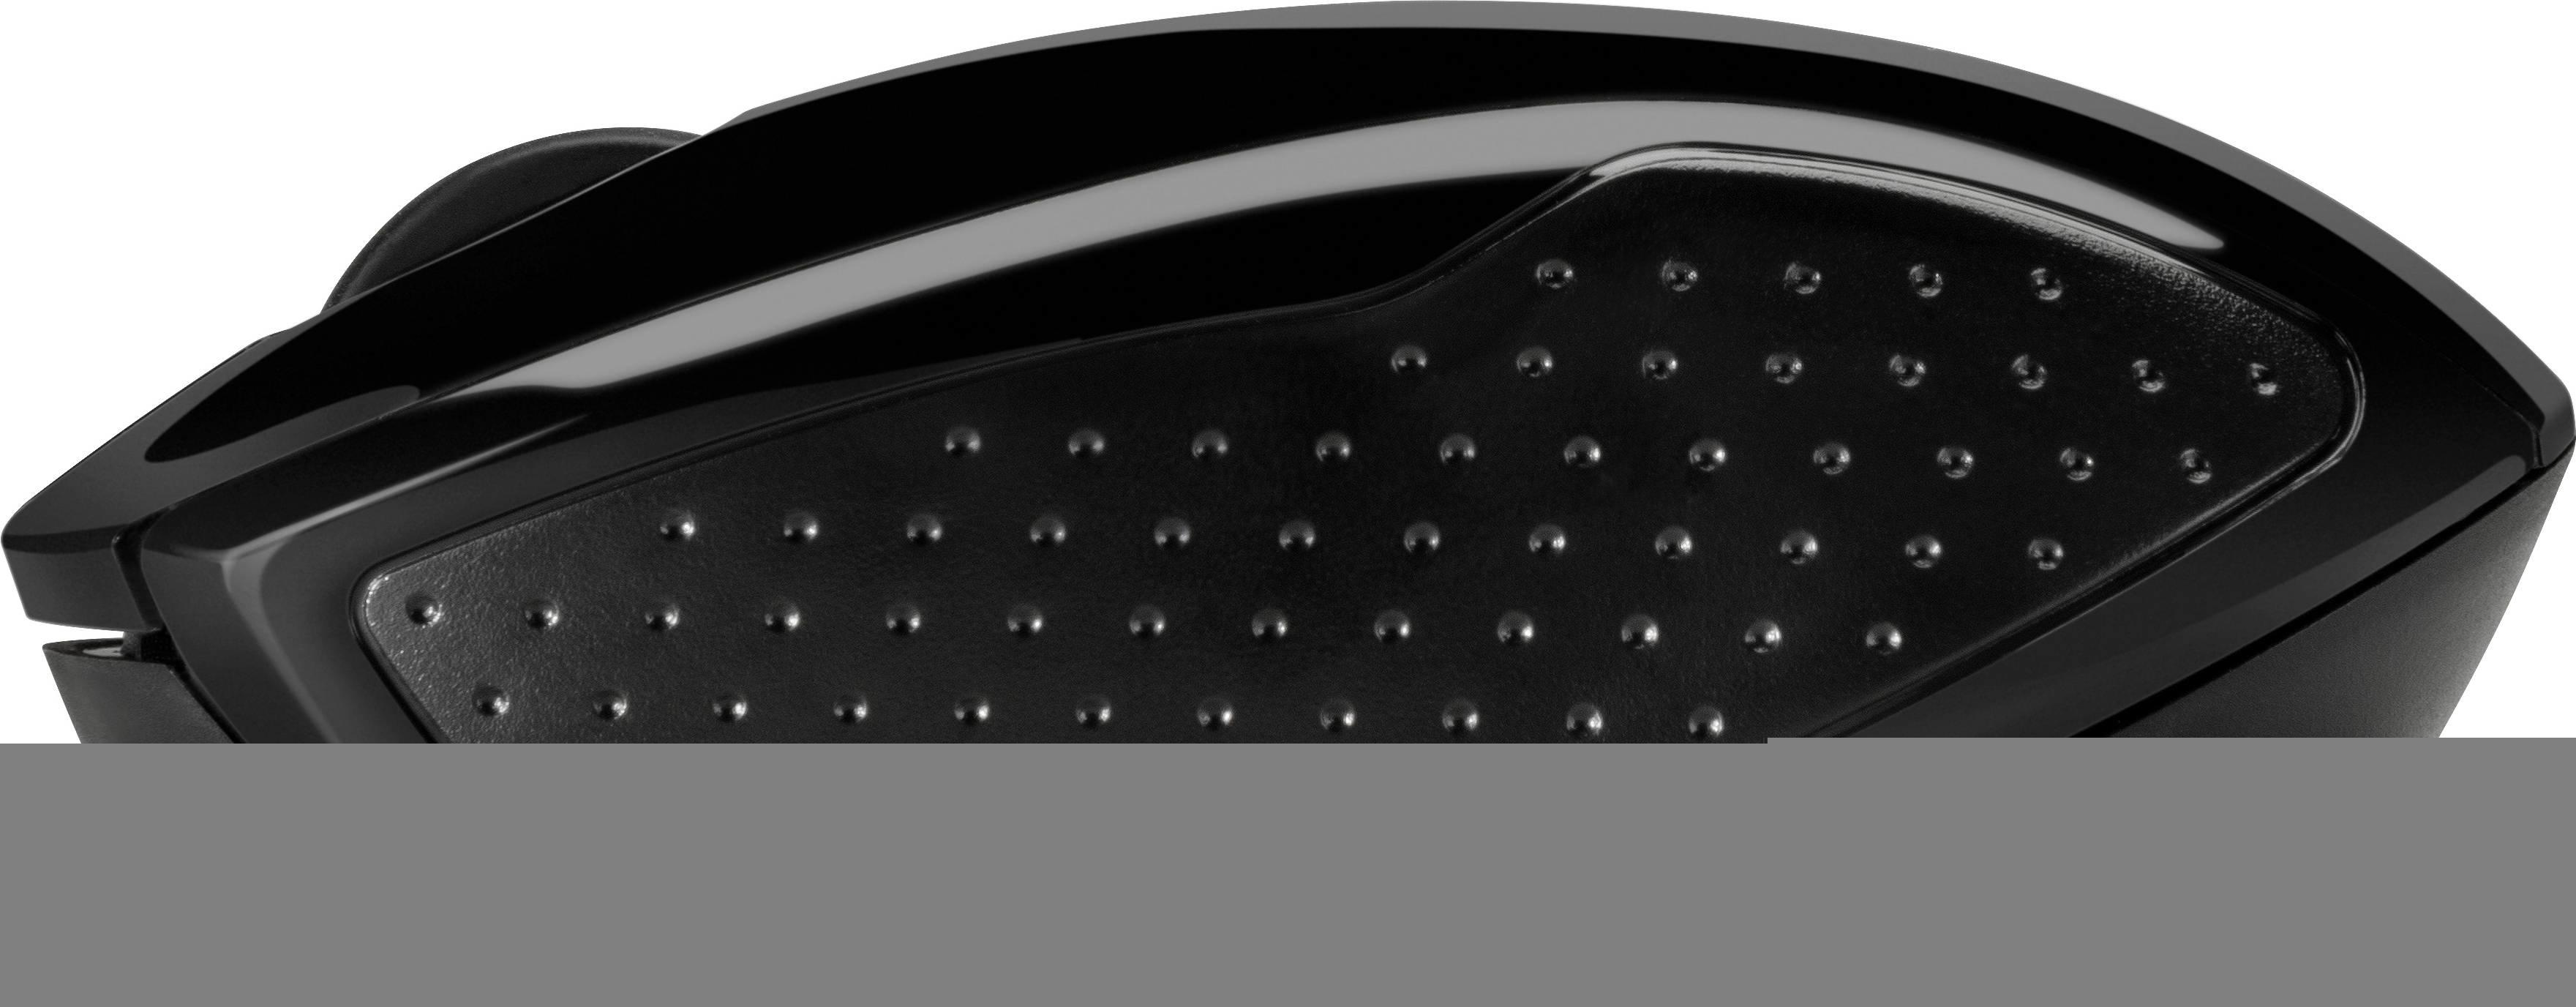 HP 200 Souris sans fil noire   Art   Craft b662458ccc76